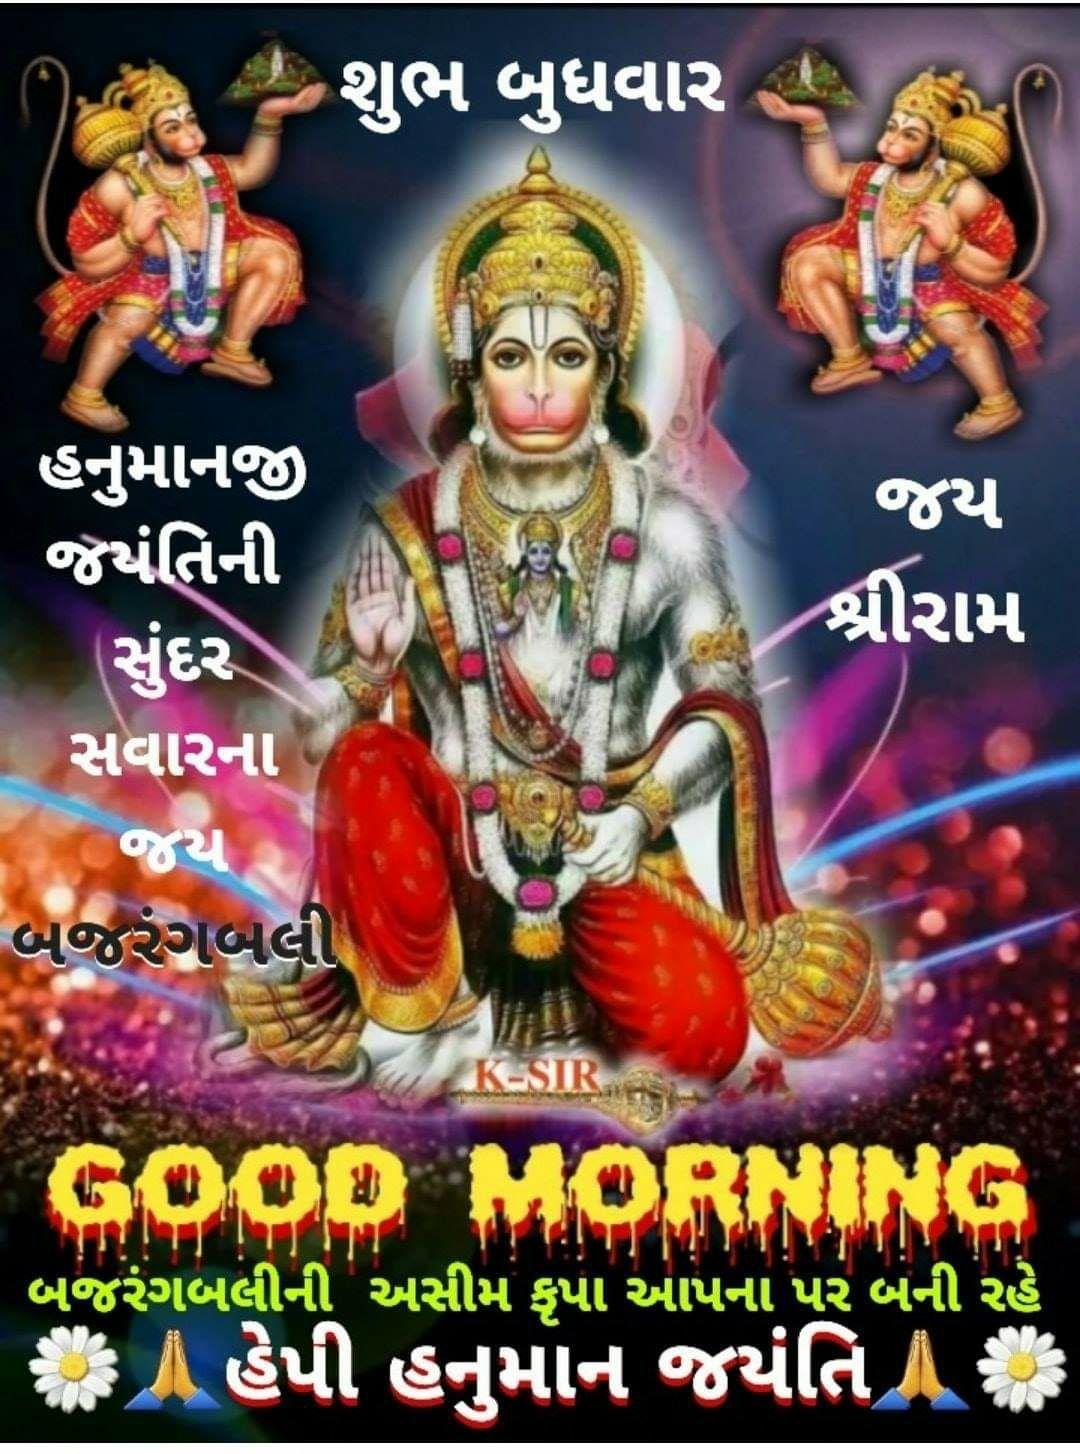 😊 શુભકામનાઓ - - શુભ બુધવાર જય શ્રીરામ હનુમાનજી જયંતિની સુંદર સવારના જય બજરંગબલી K - SIR GOOD MORNING ' બજરંગબલીની અસીમ કૃપા આપના પર બની રહે : હેપી હનુમાન જયંતિ - ShareChat